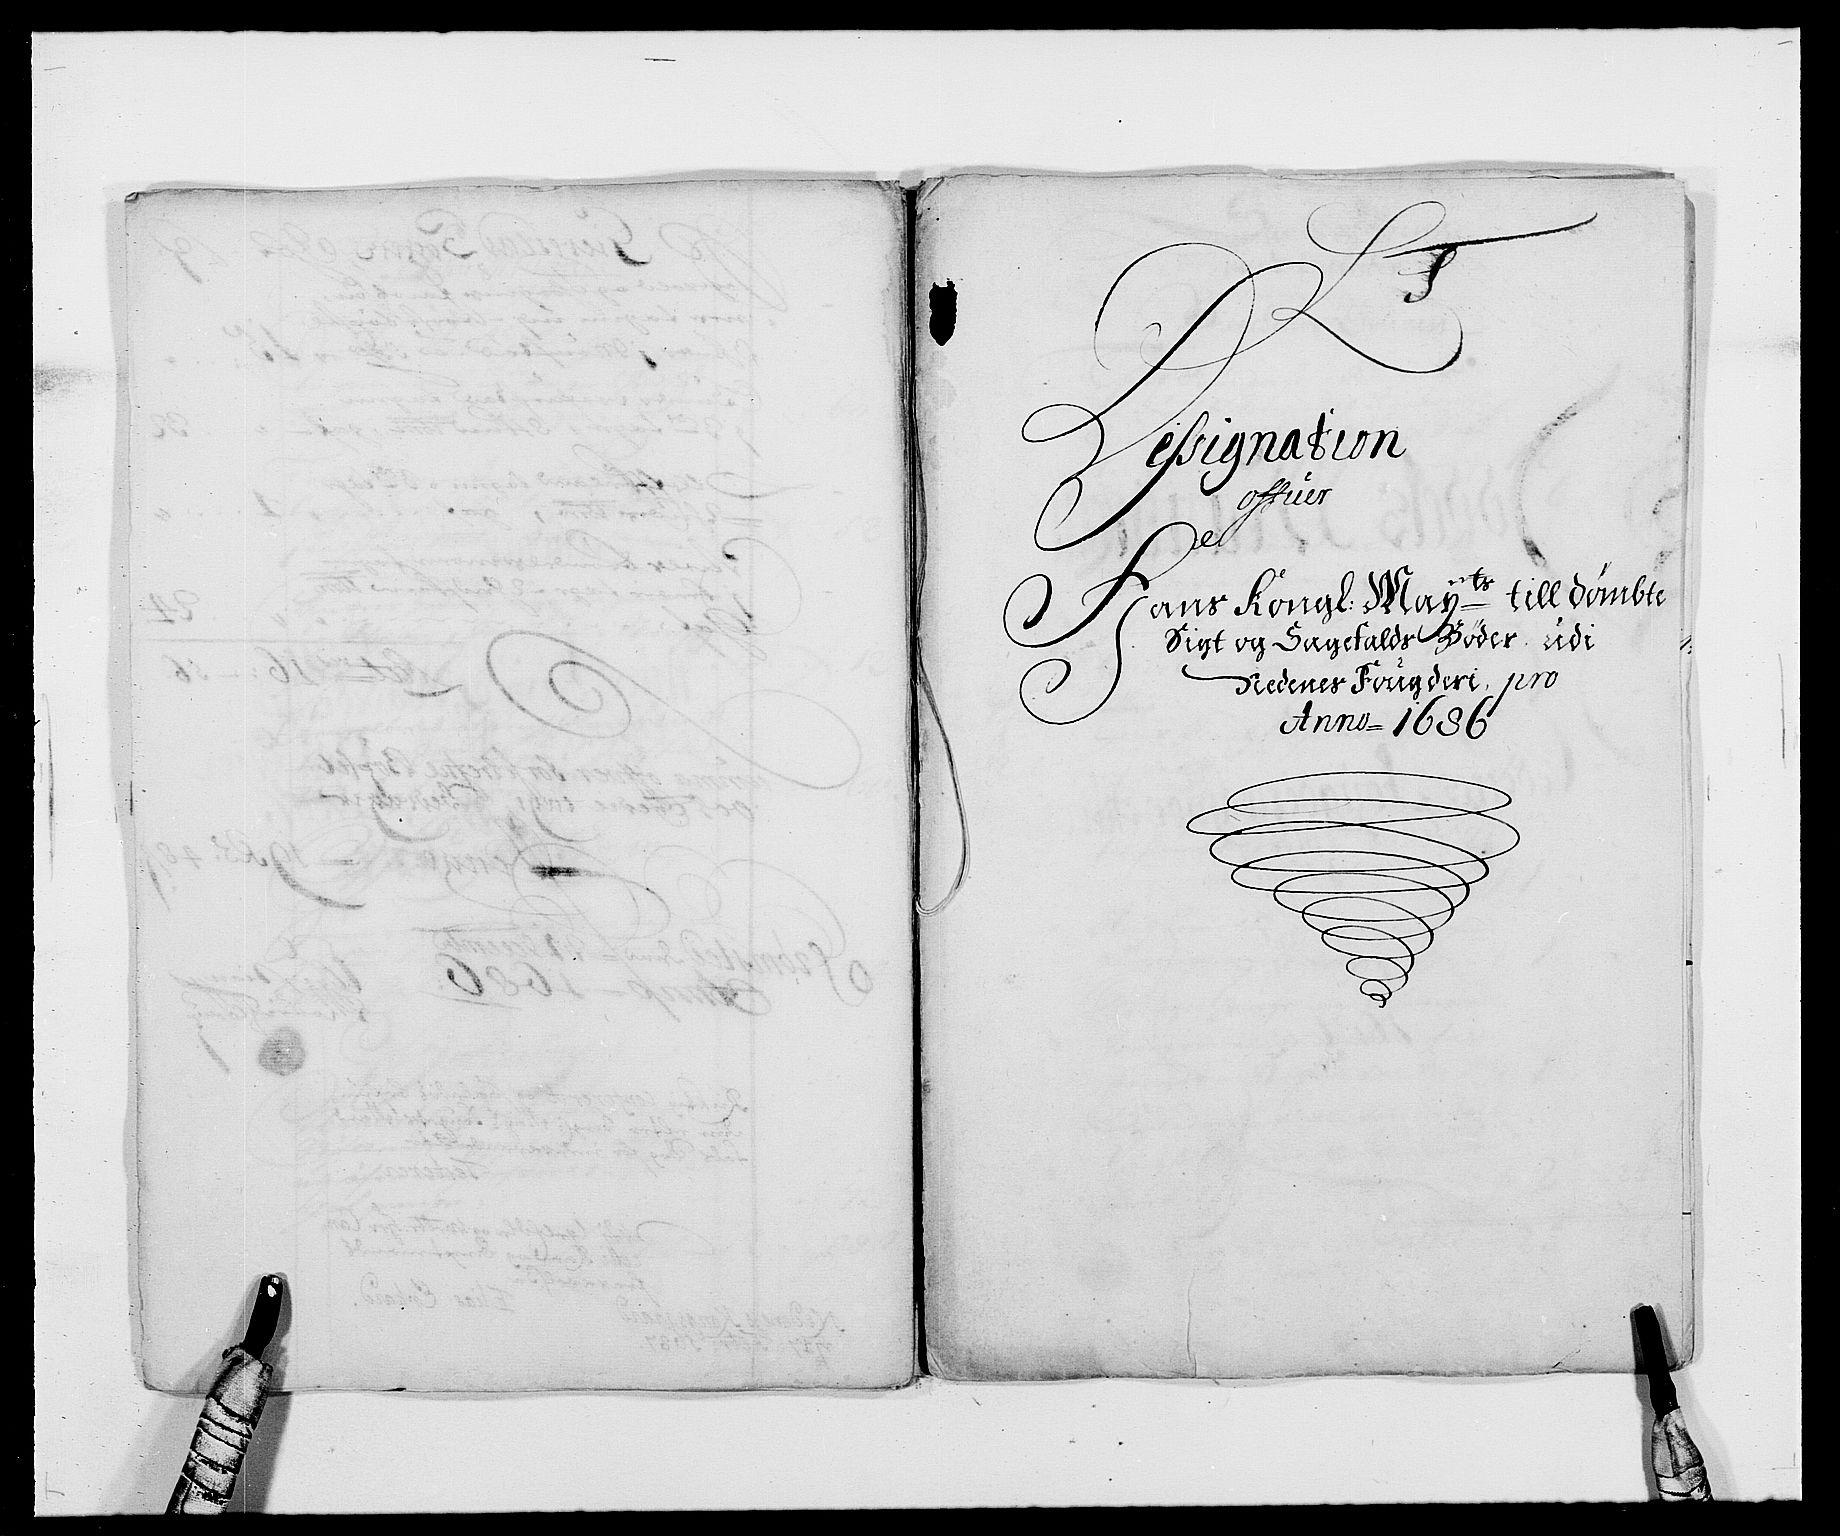 RA, Rentekammeret inntil 1814, Reviderte regnskaper, Fogderegnskap, R39/L2308: Fogderegnskap Nedenes, 1684-1689, s. 343